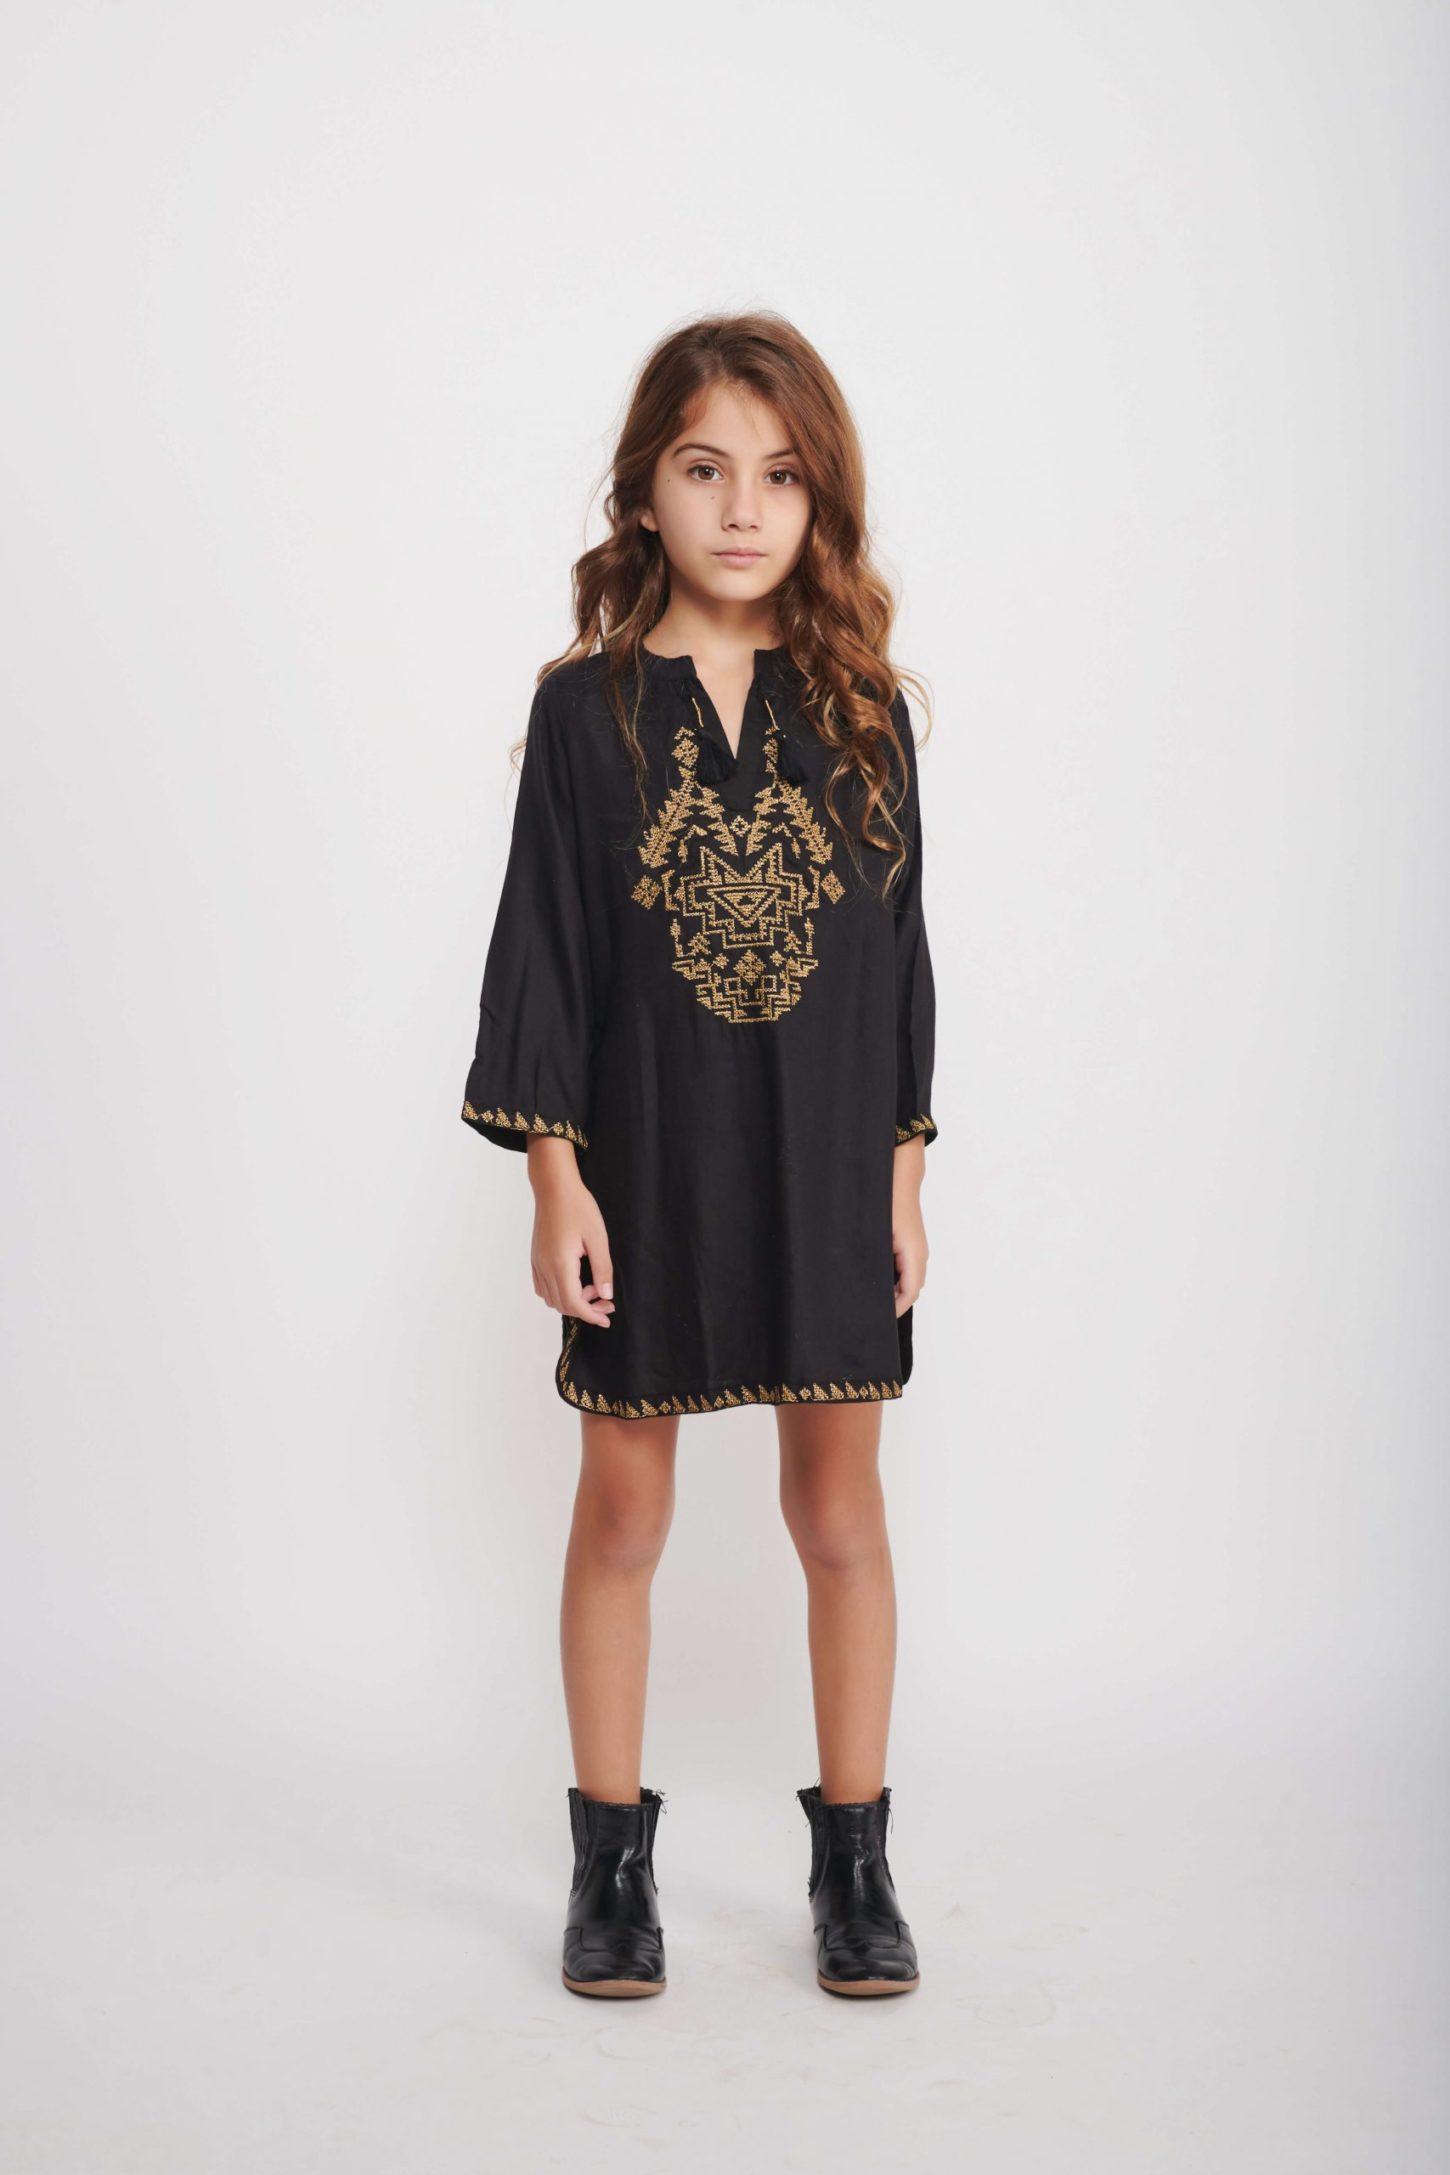 שמלת Black Holly Caftan לילדות